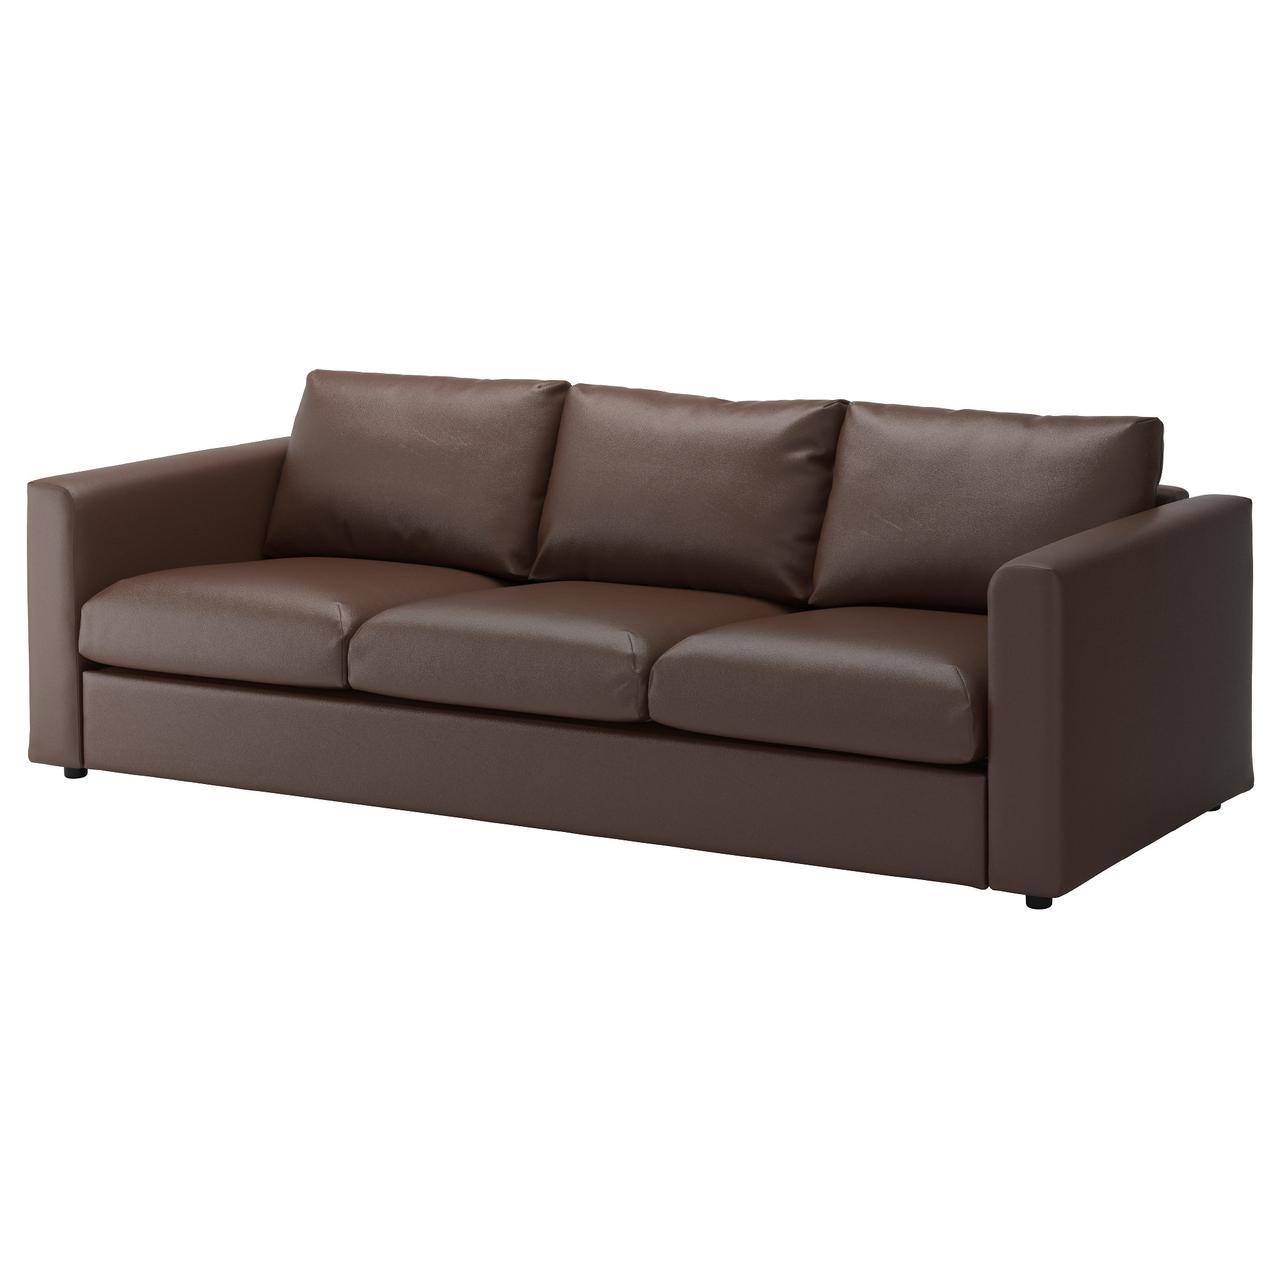 ВИМЛЕ 3-местный диван, Фарста темно-коричневый